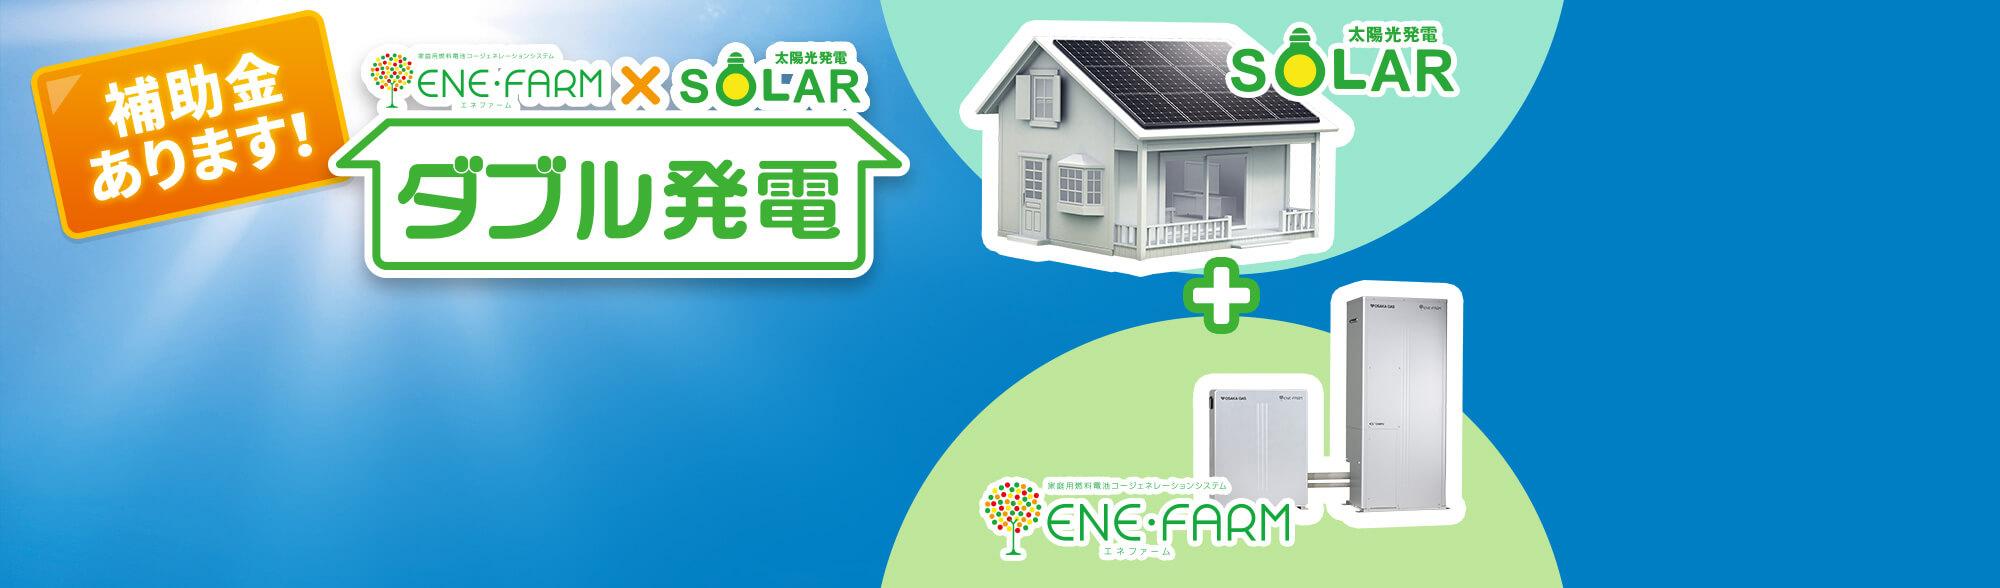 太陽光発電とエネファーム